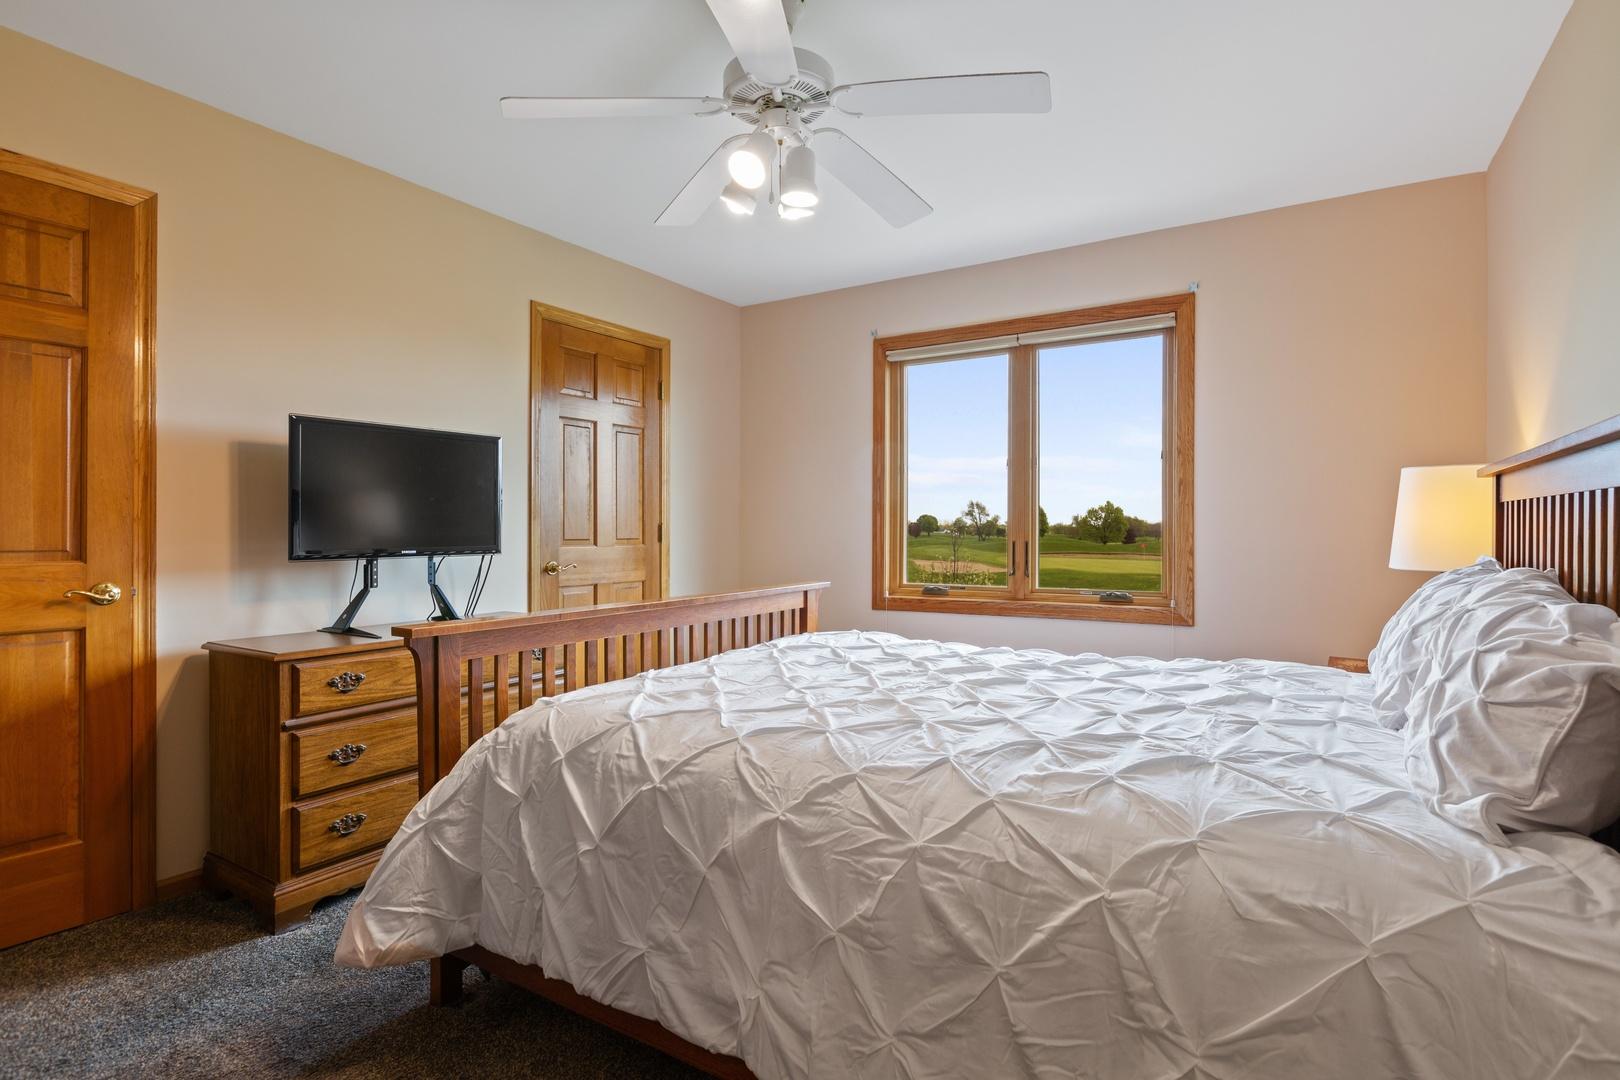 9115 Loch Glen, Lakewood, Illinois, 60014